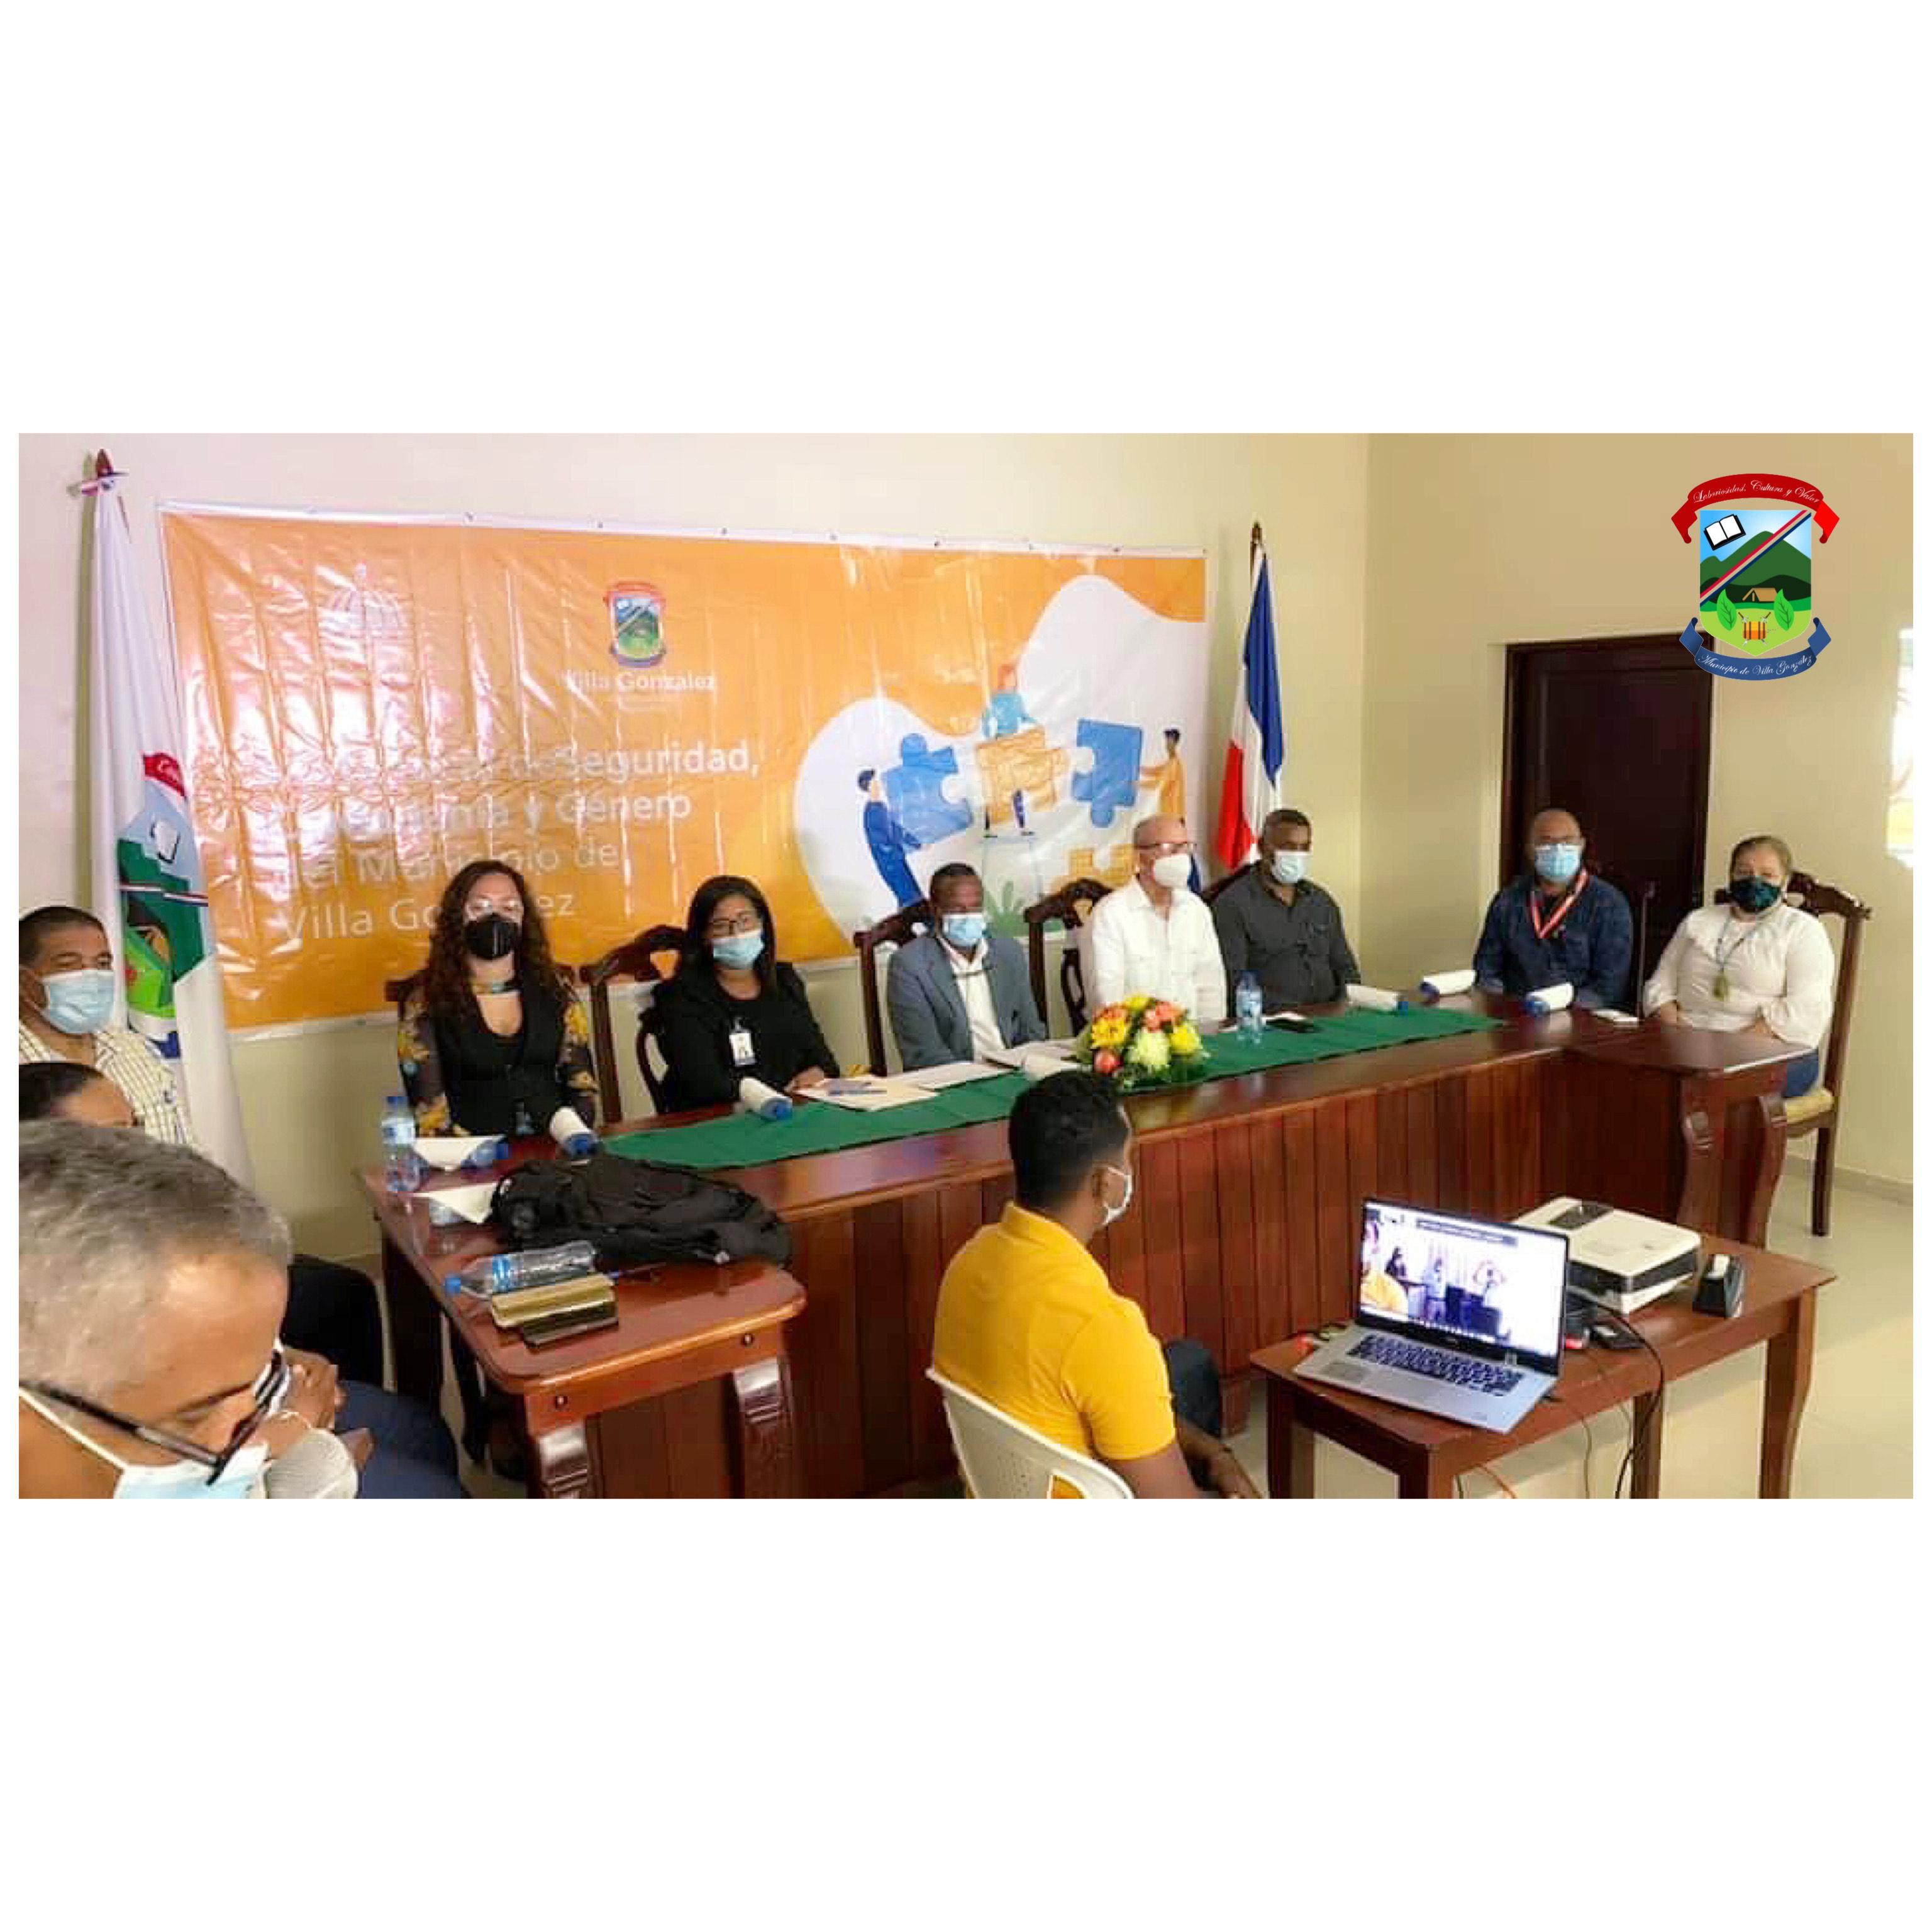 Ayuntamiento de Villa González Realiza Convocatoria Mesa Local de Seguridad, Ciudadanía y Genero del Municipio de Villa González